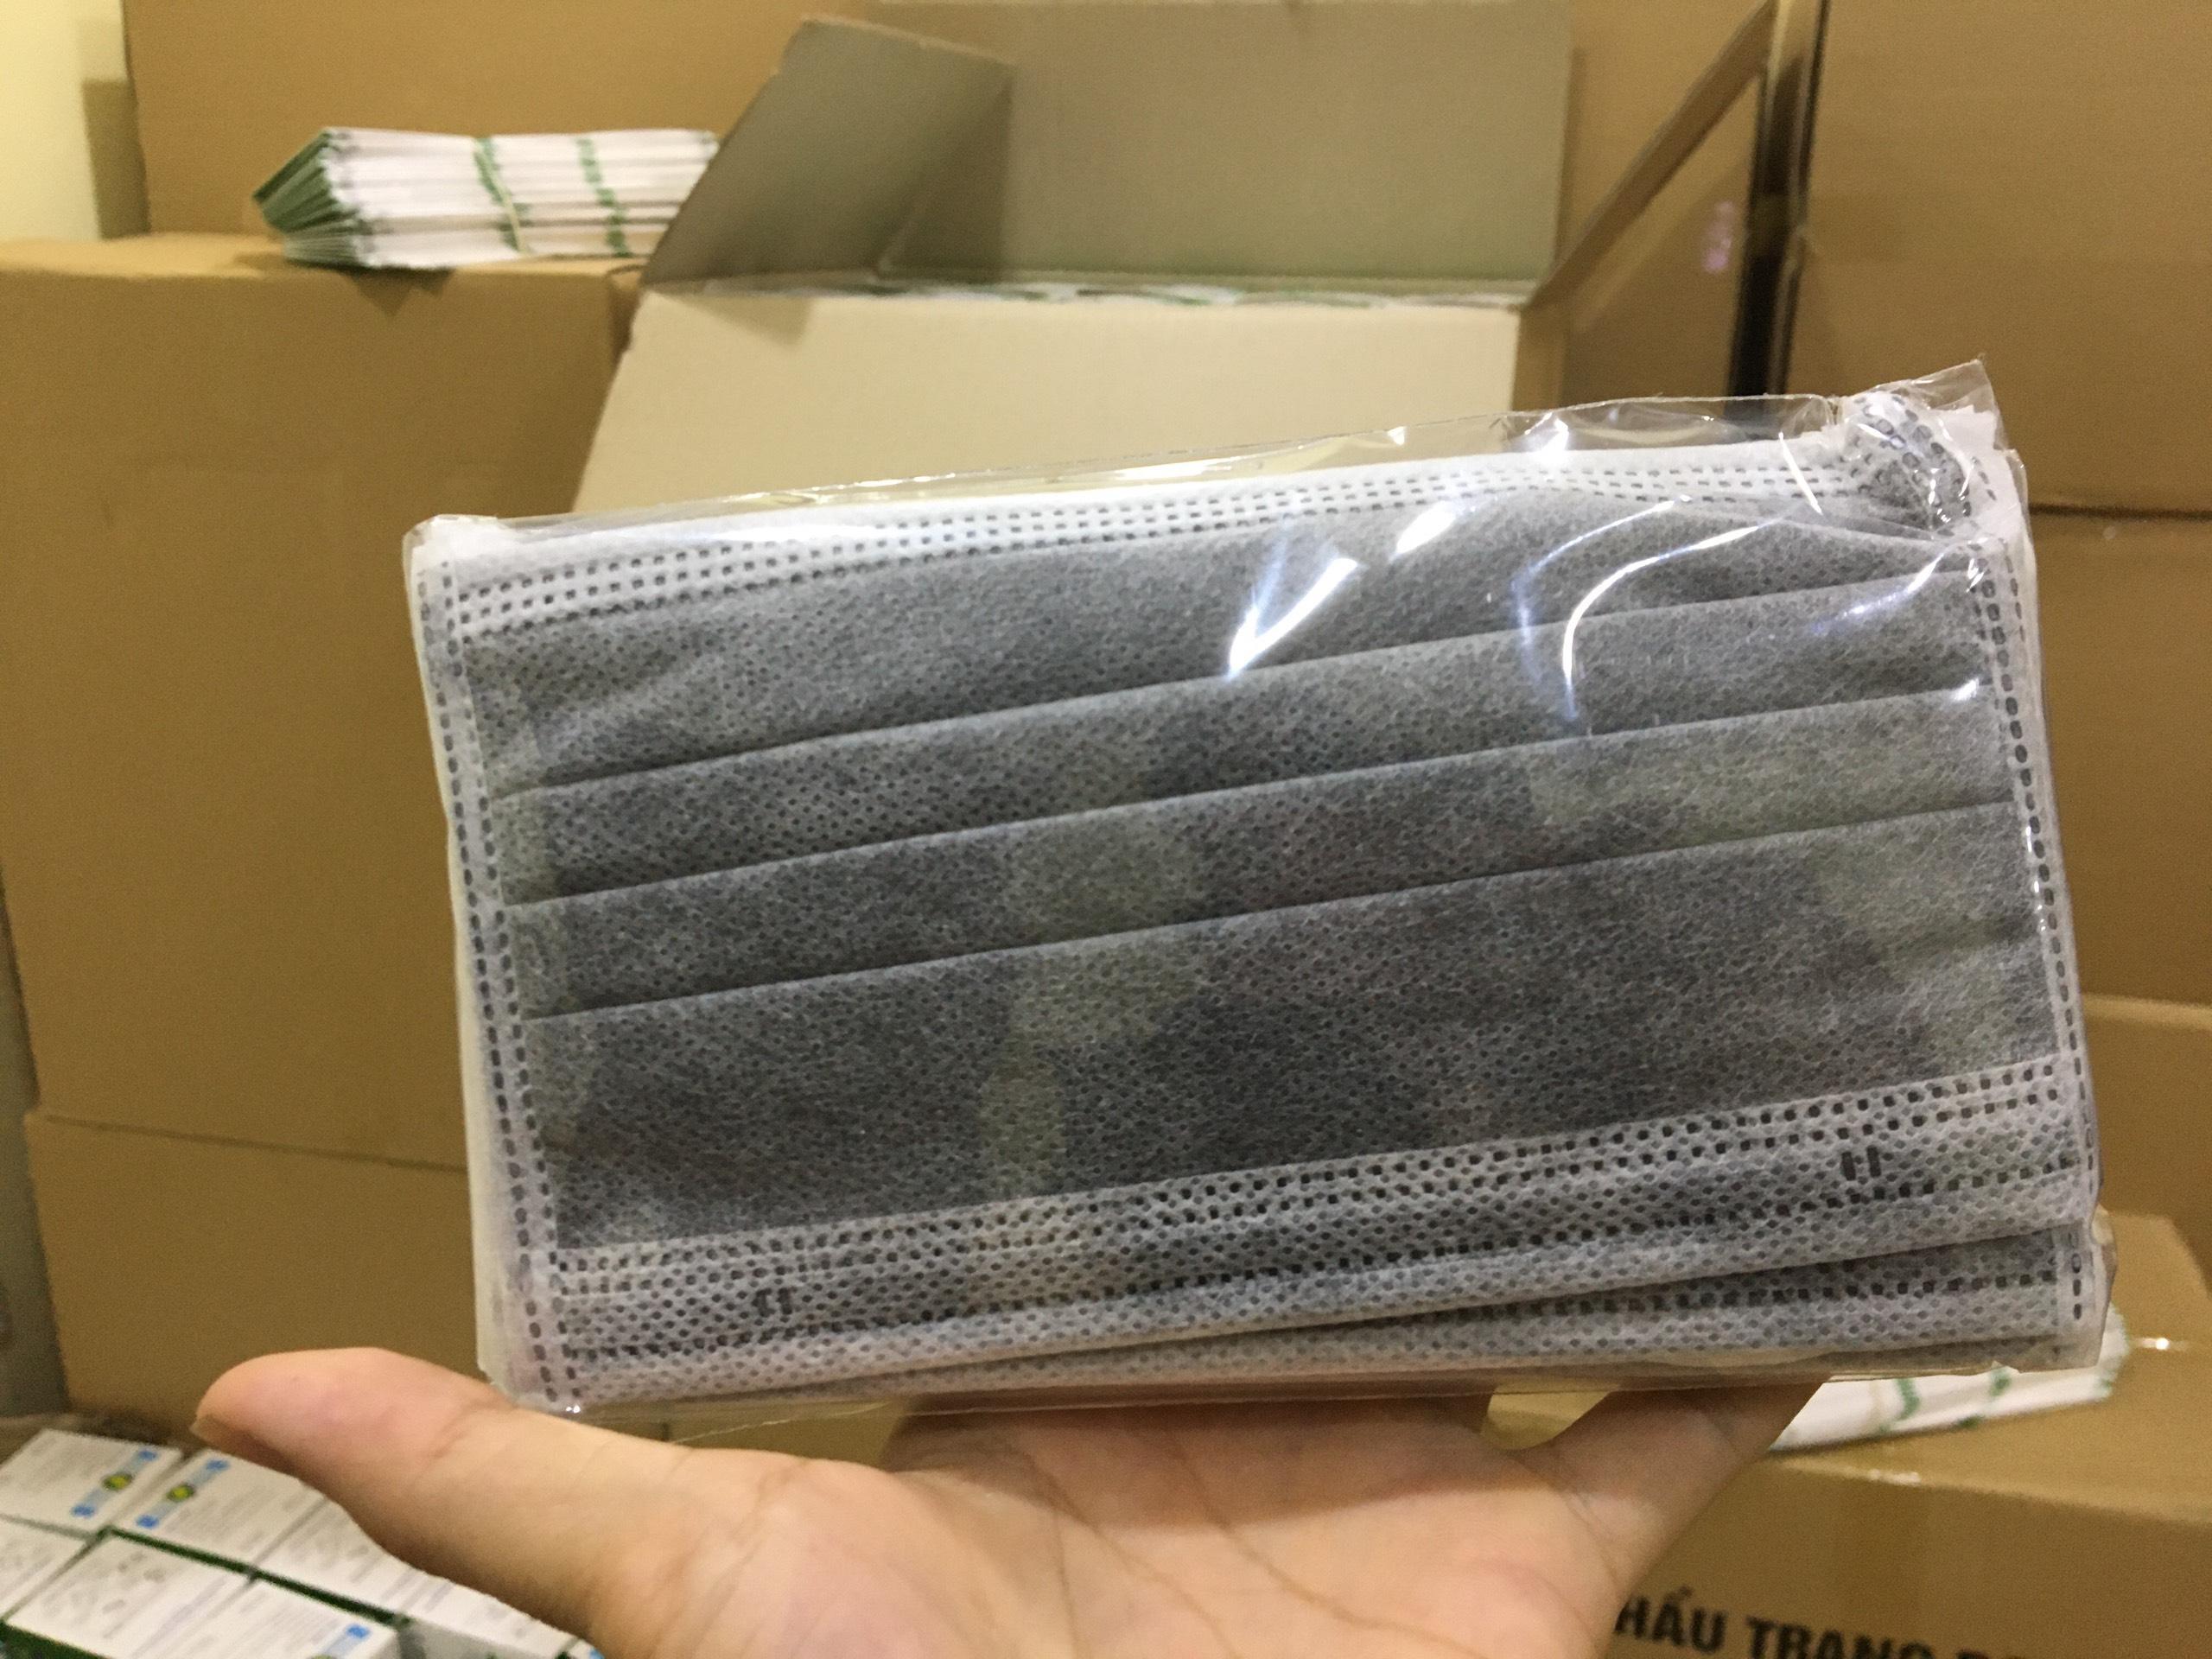 Khẩu trang y tế 4 lớp (chống bụi bẩn, giọt bắn) hộp 50 chiếc màu xám